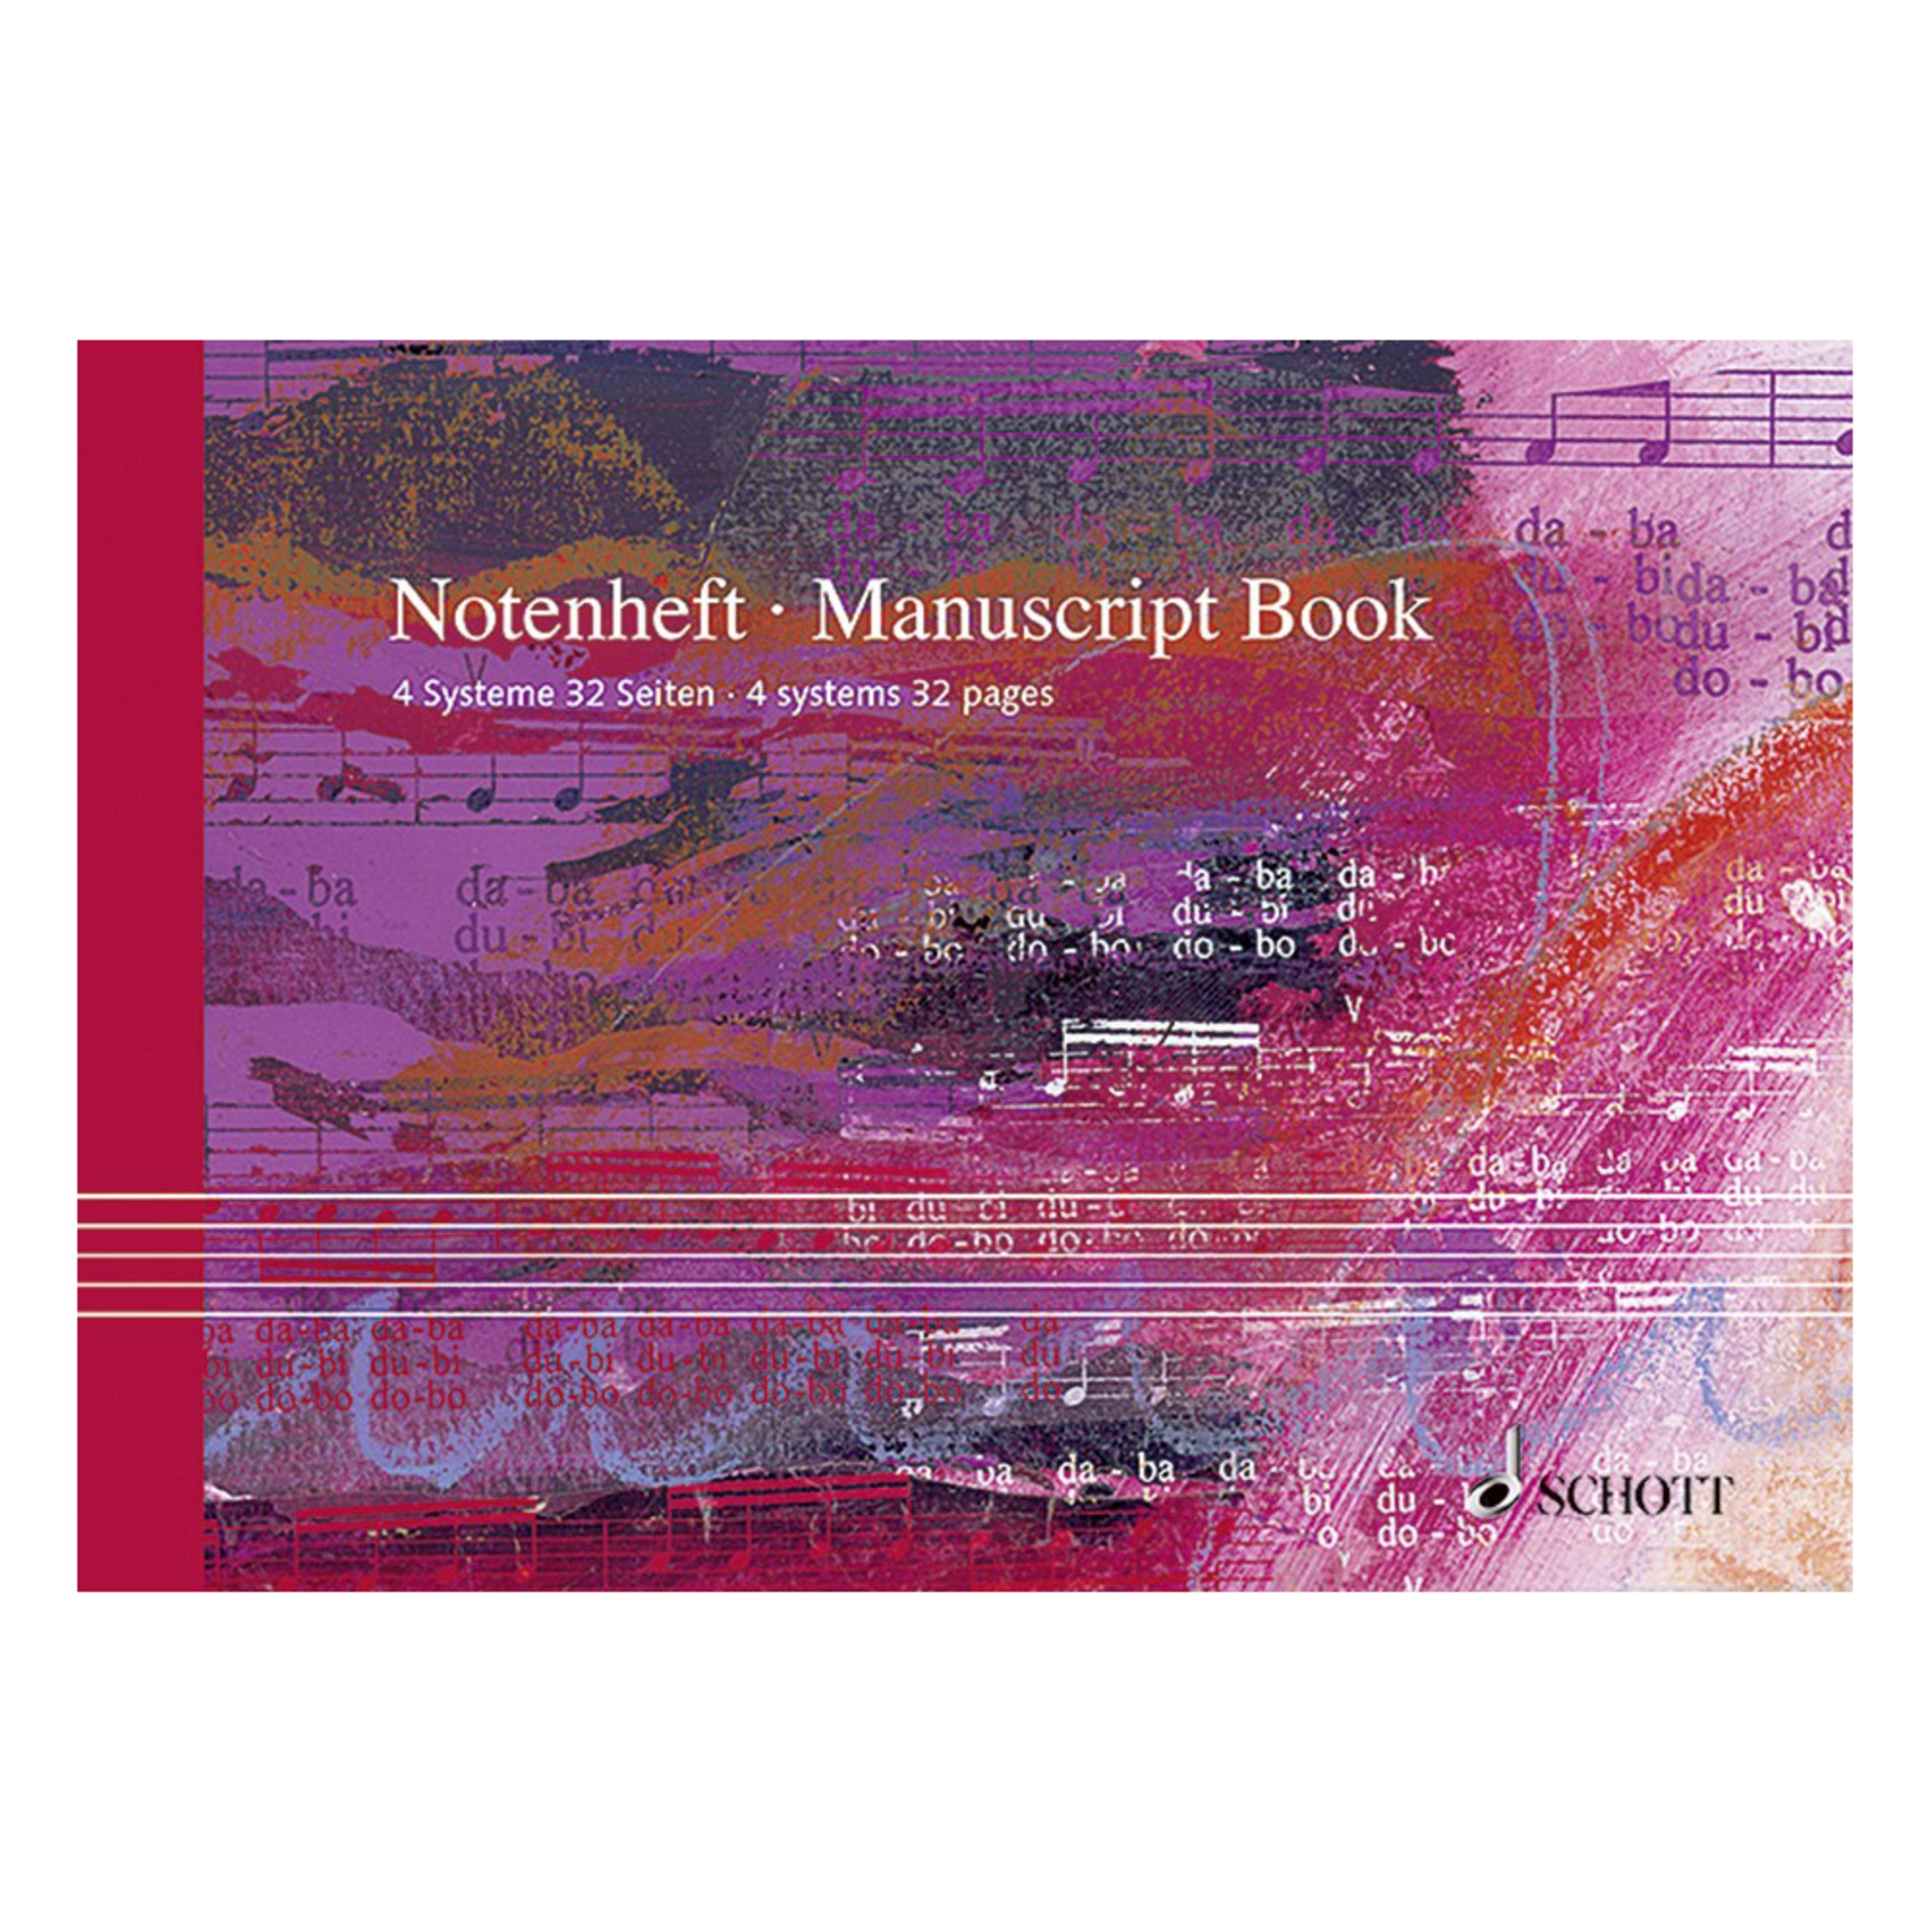 Schott Music - Notenheft DIN A5 SKK 53